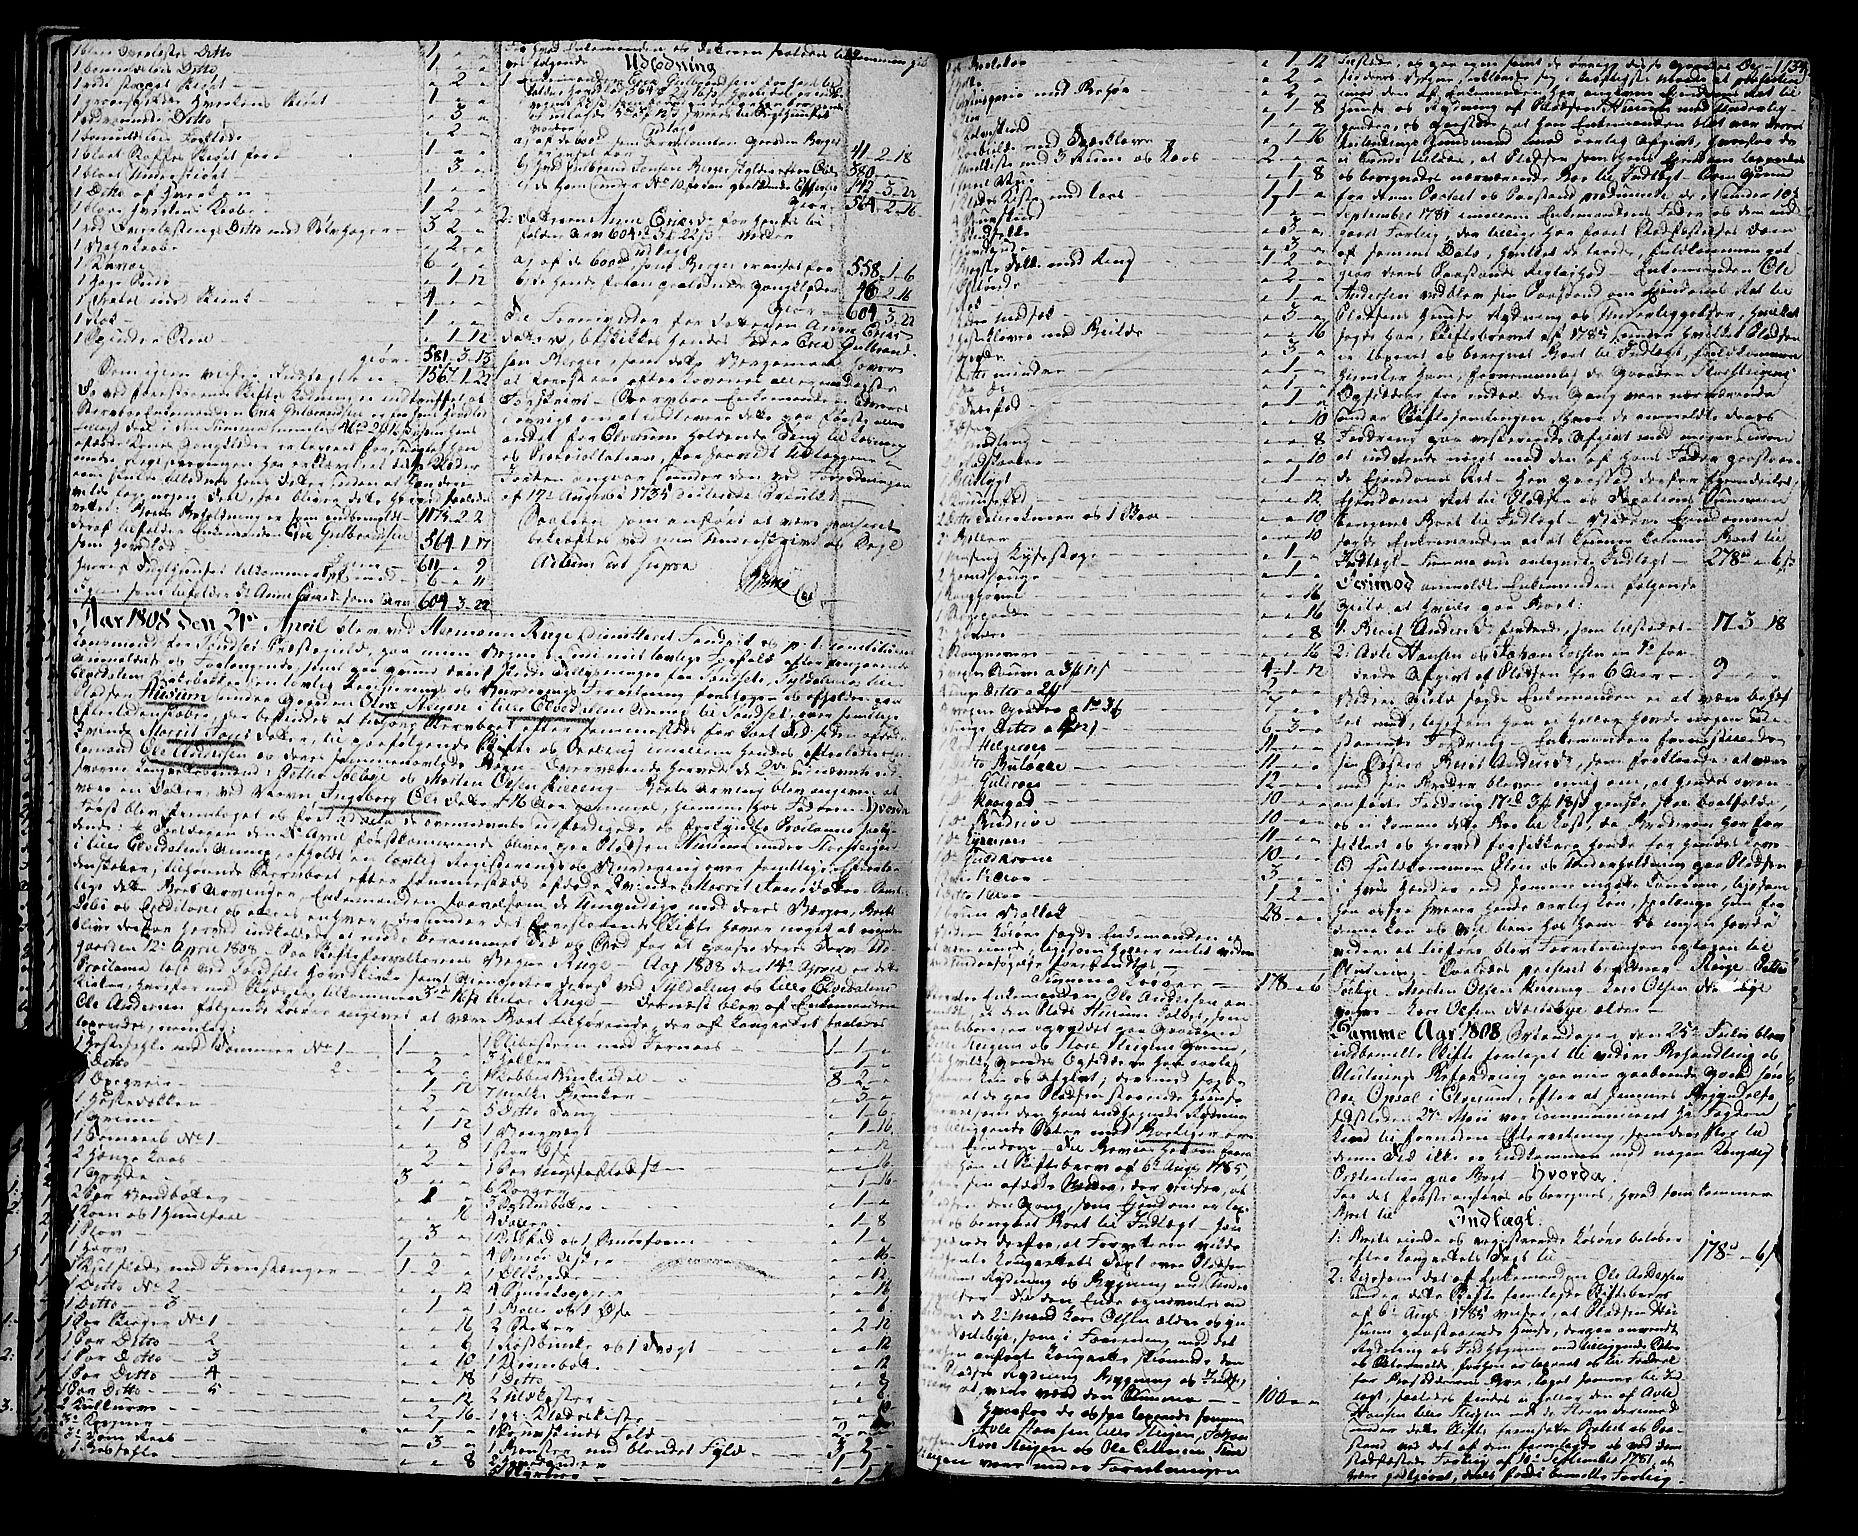 SAH, Østerdalen sorenskriveri, J/Ja/L0010: Skifteprotokoll, 1806-1810, s. 133b-134a